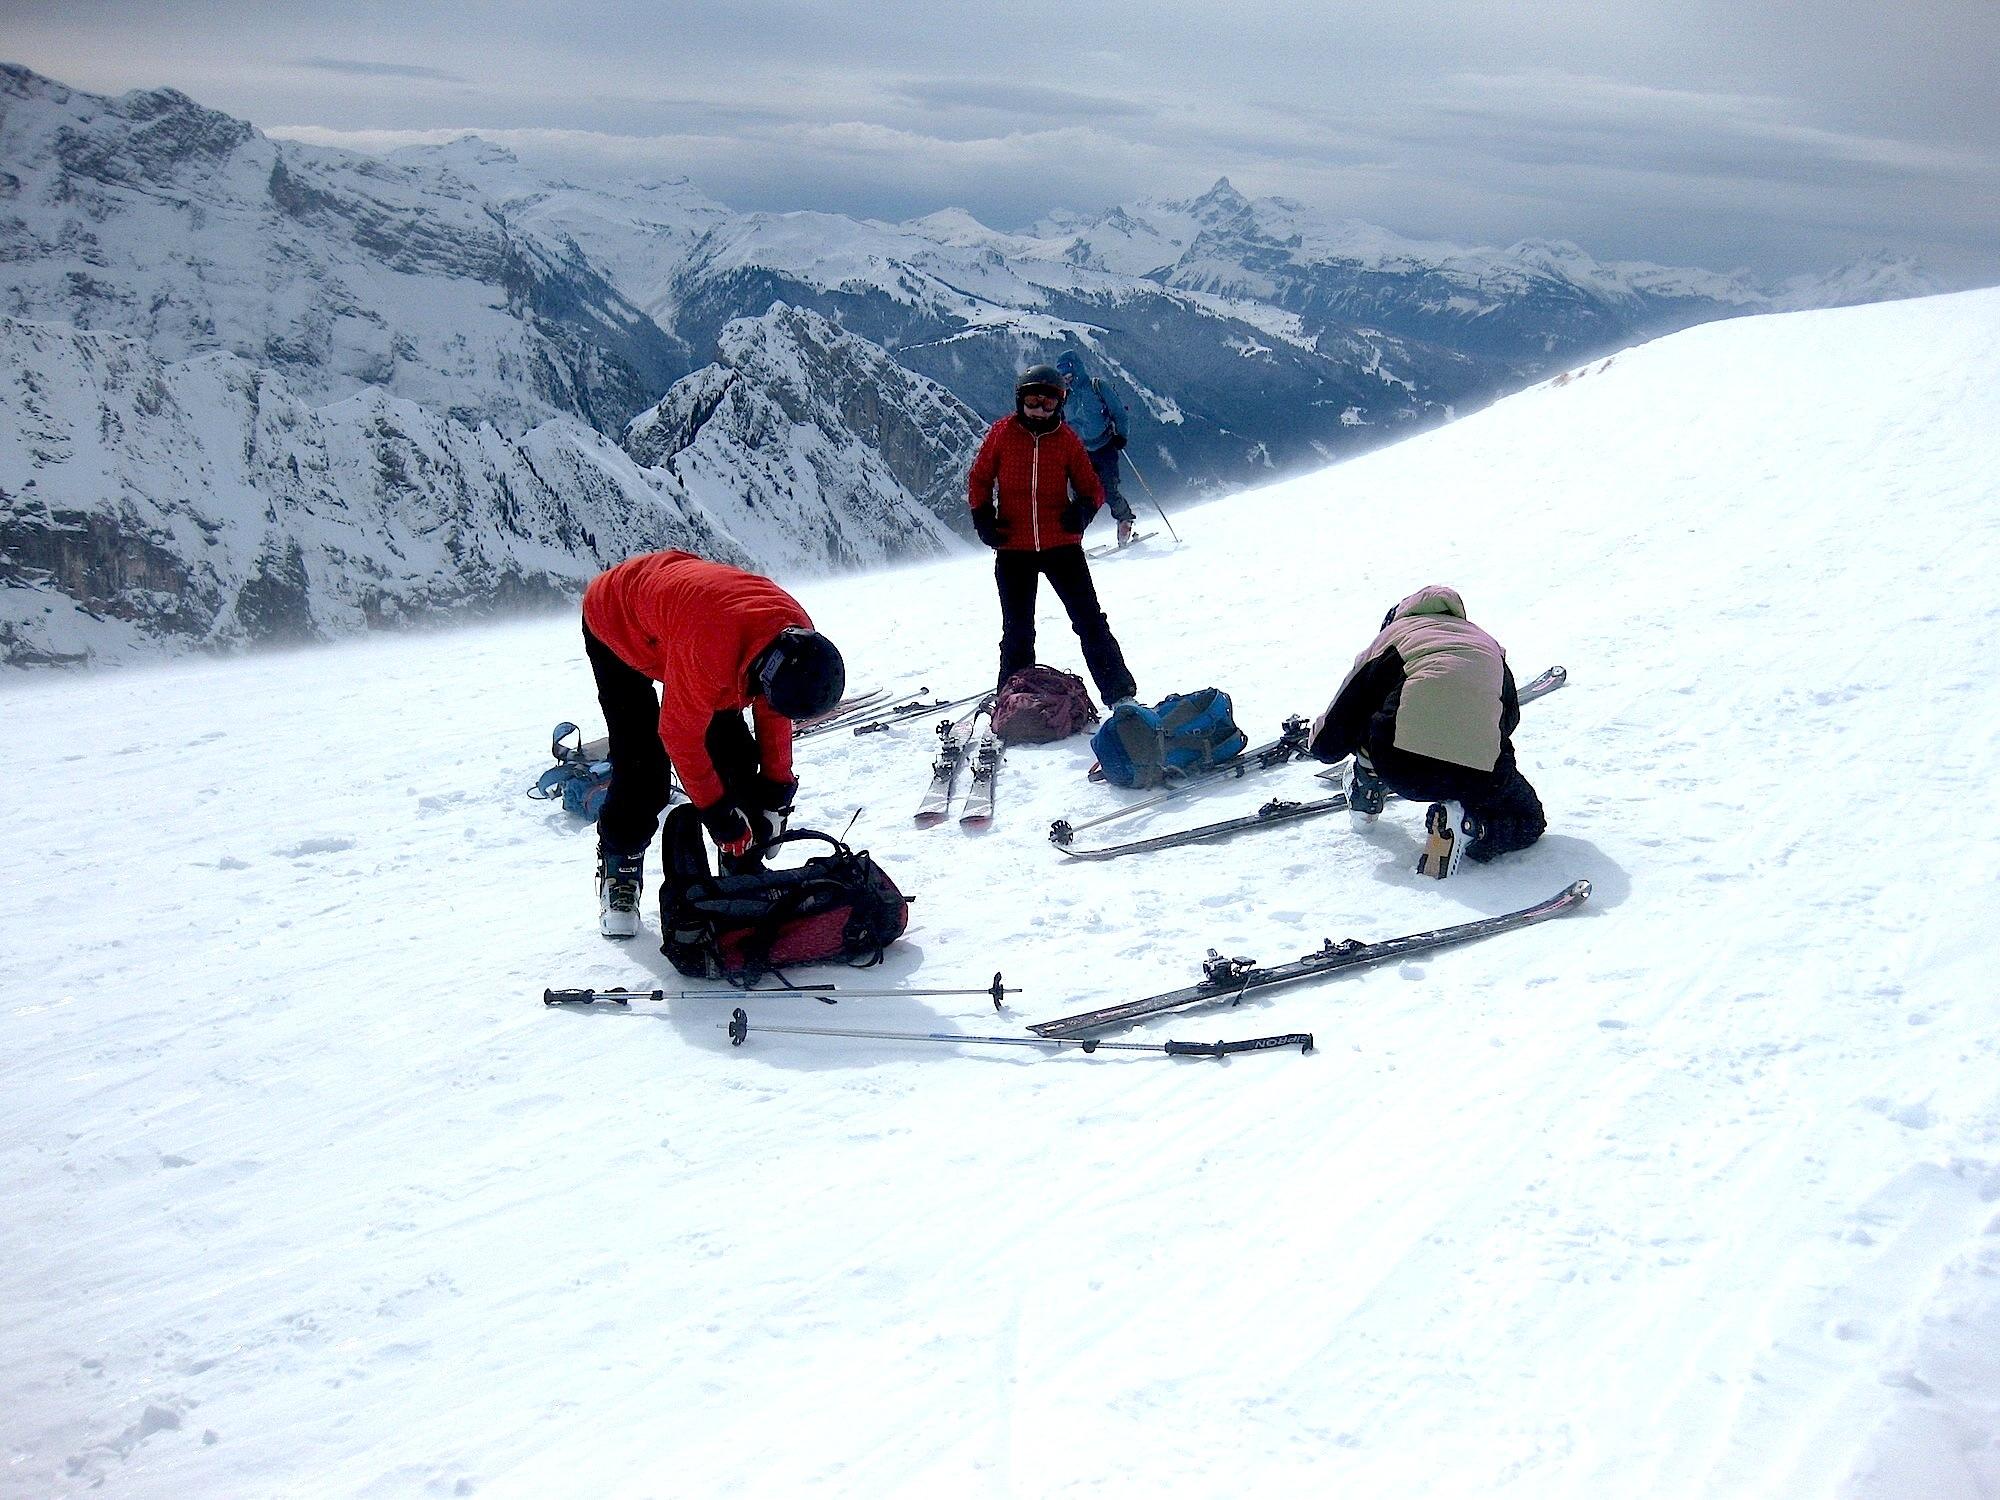 La tempête fait se hâter les skieurs. Ne rien perdre à cause du vent...